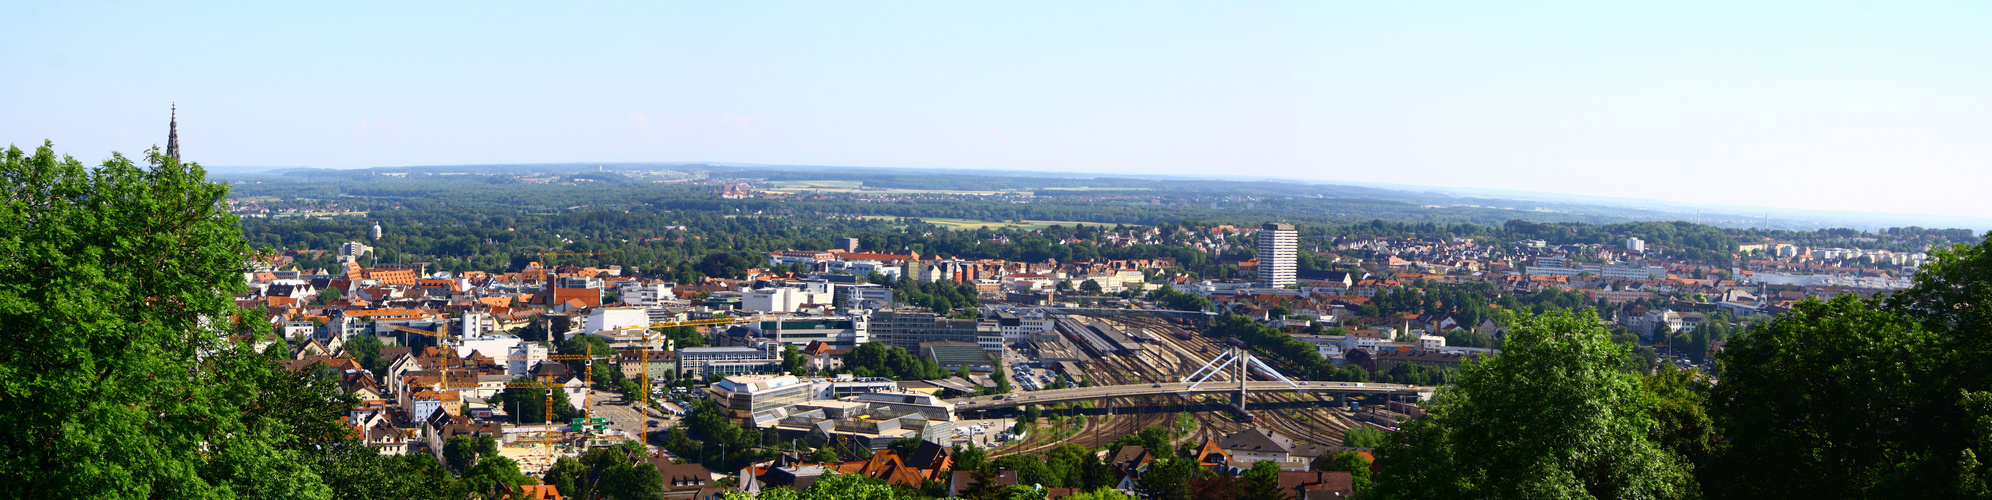 Ein Panorama von Ulm